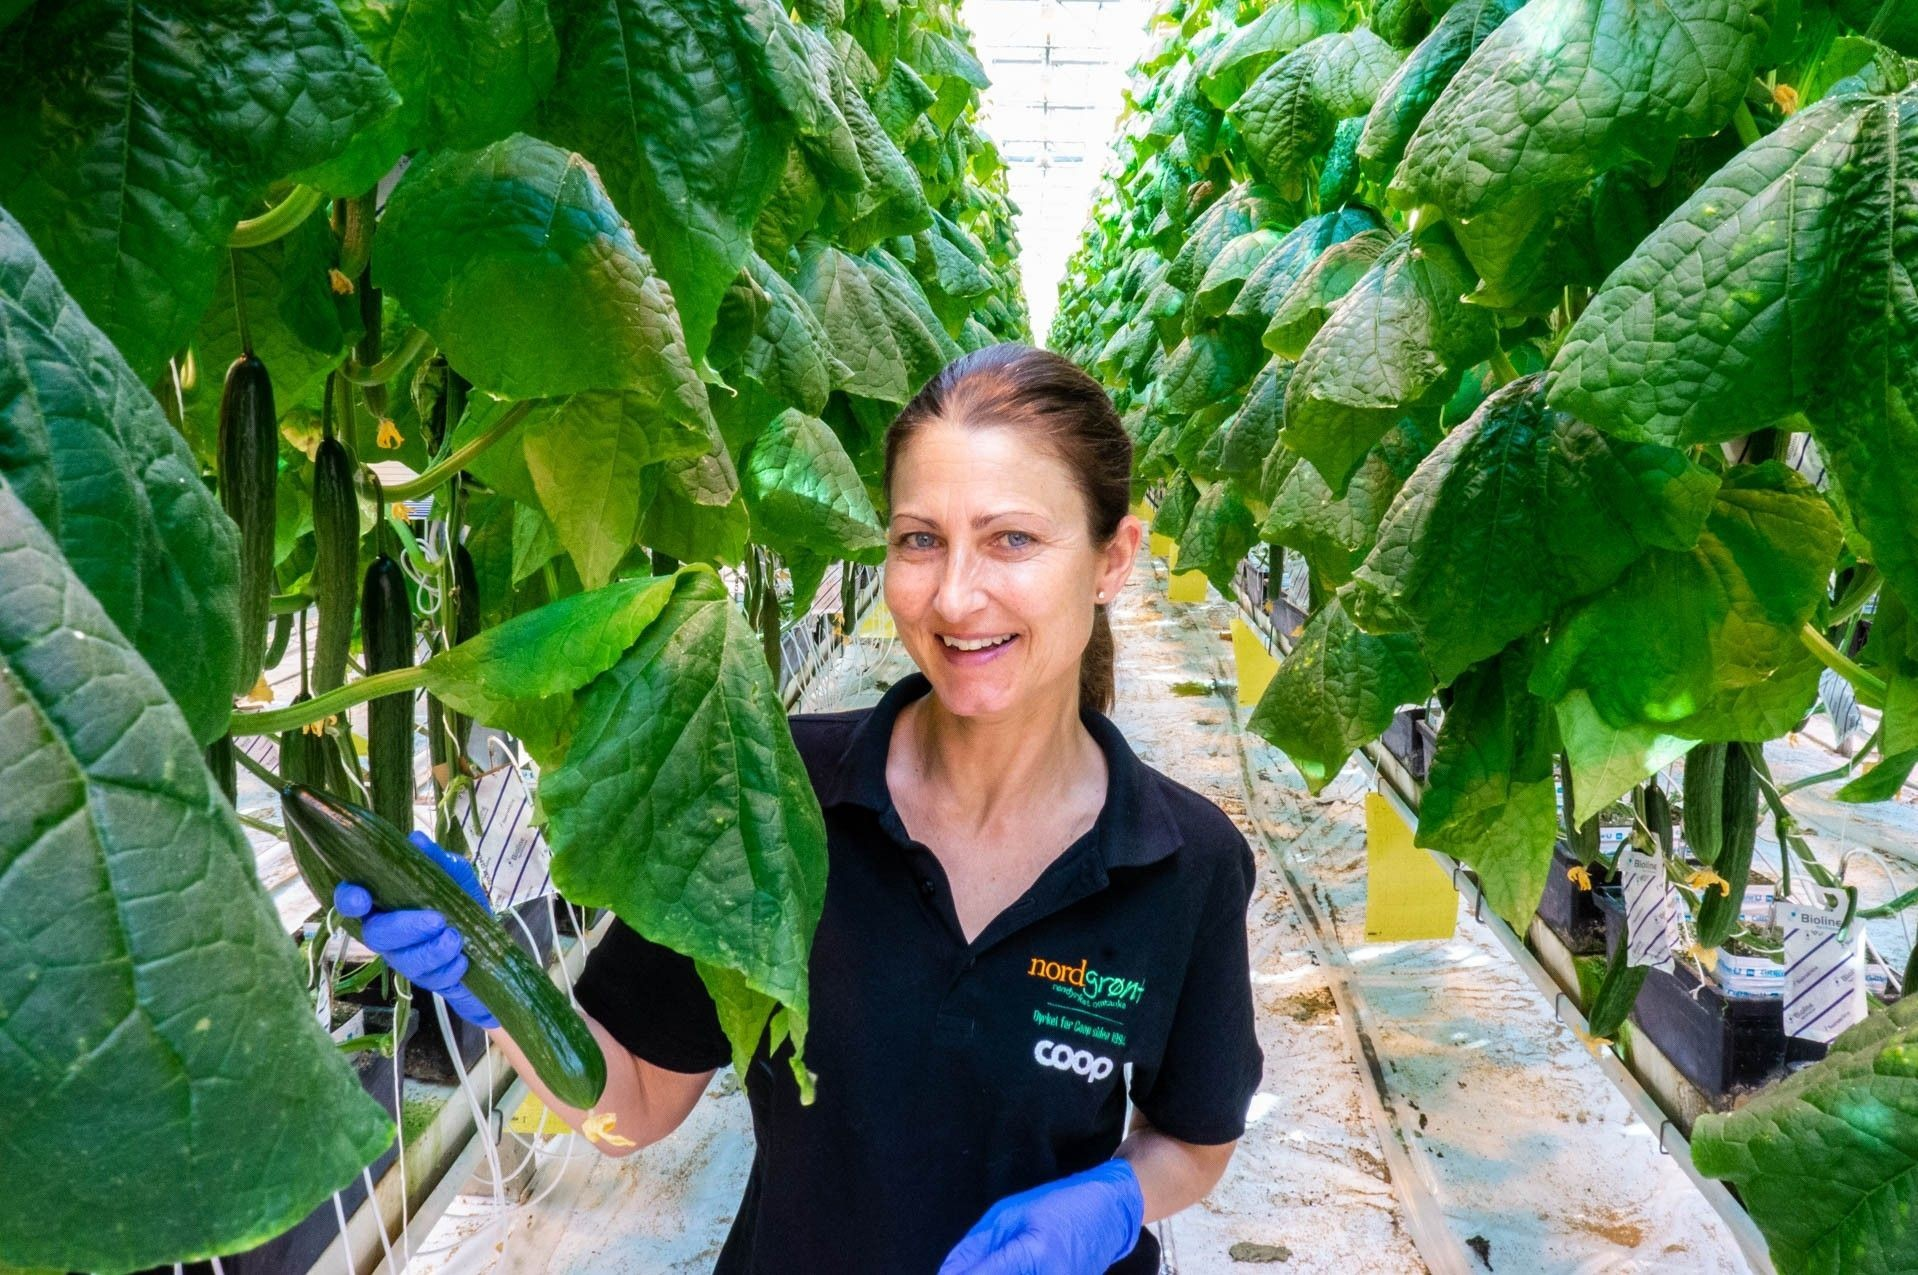 STOLT GARTNER: Inger-Irén Eriksrud er tredjegenerasjons gartner og driver fortsatt familiegården i Lier. Her dyrker hun agurk, blomkål og vårløk for Coop-butikker over hele landet.